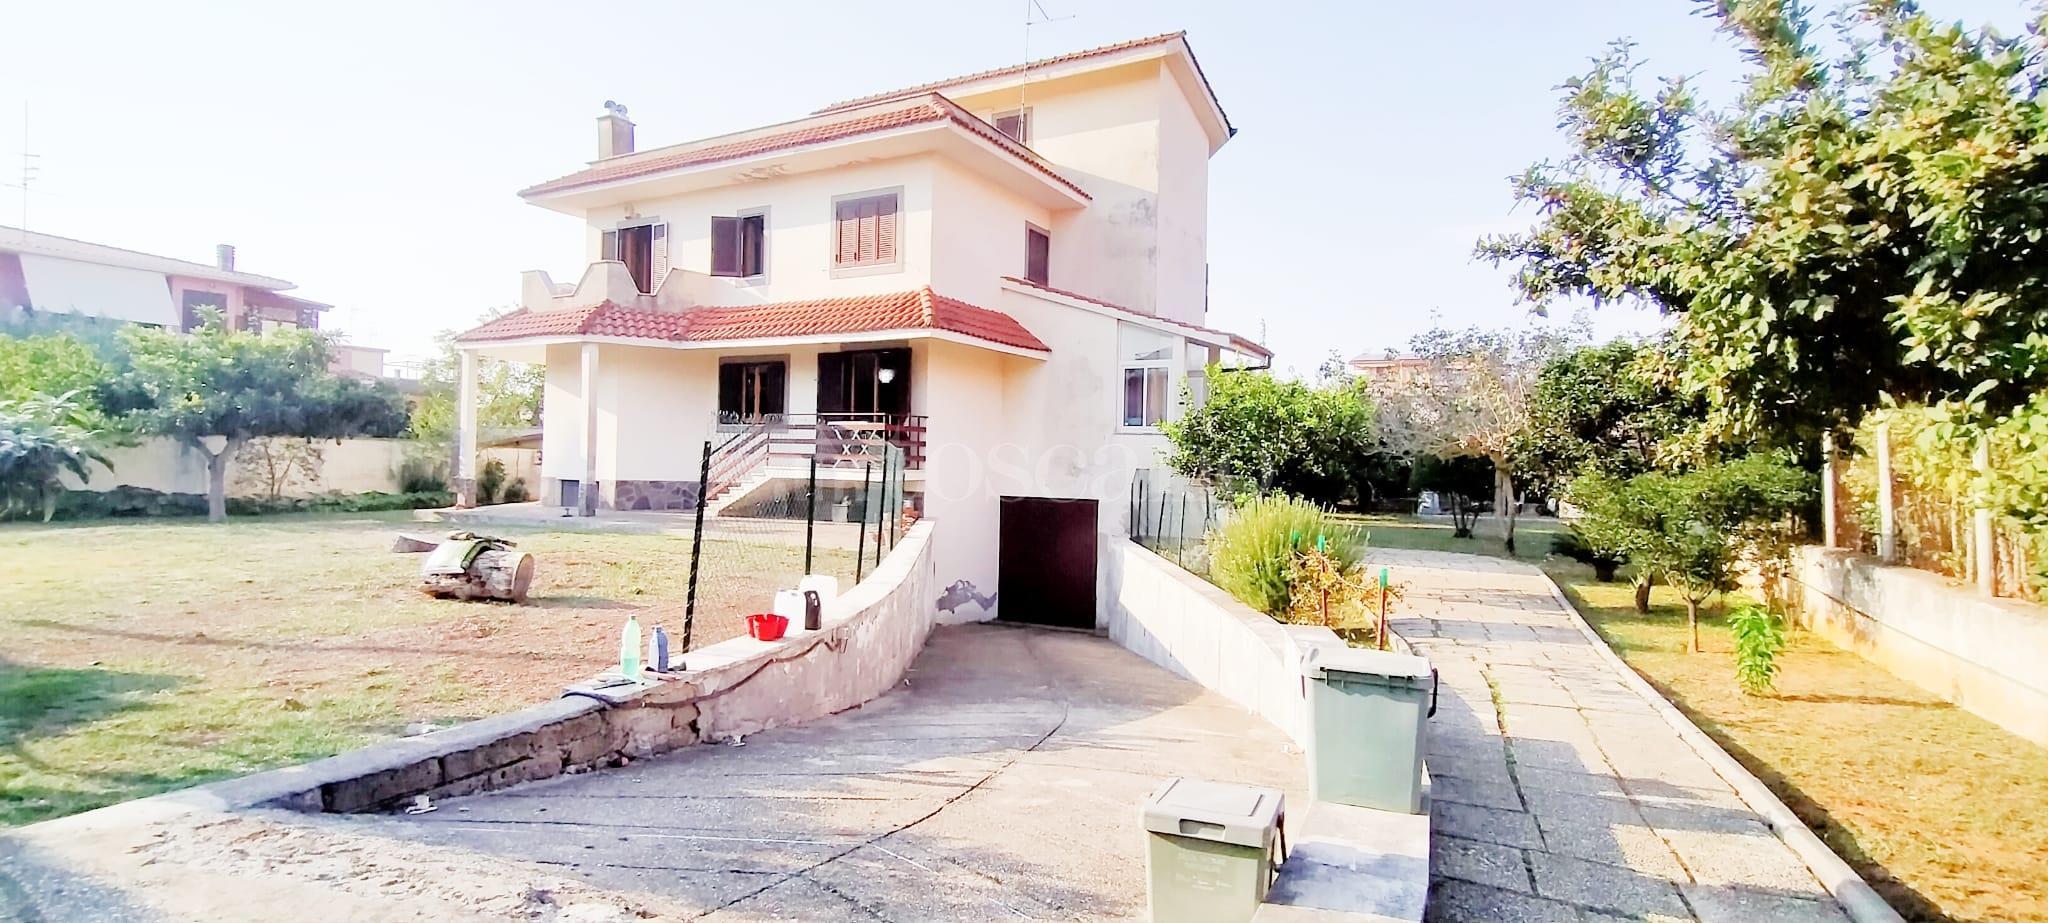 Villa in vendita di 350 mq a €799.000 (rif. 58/2020) immagine 2 di 15